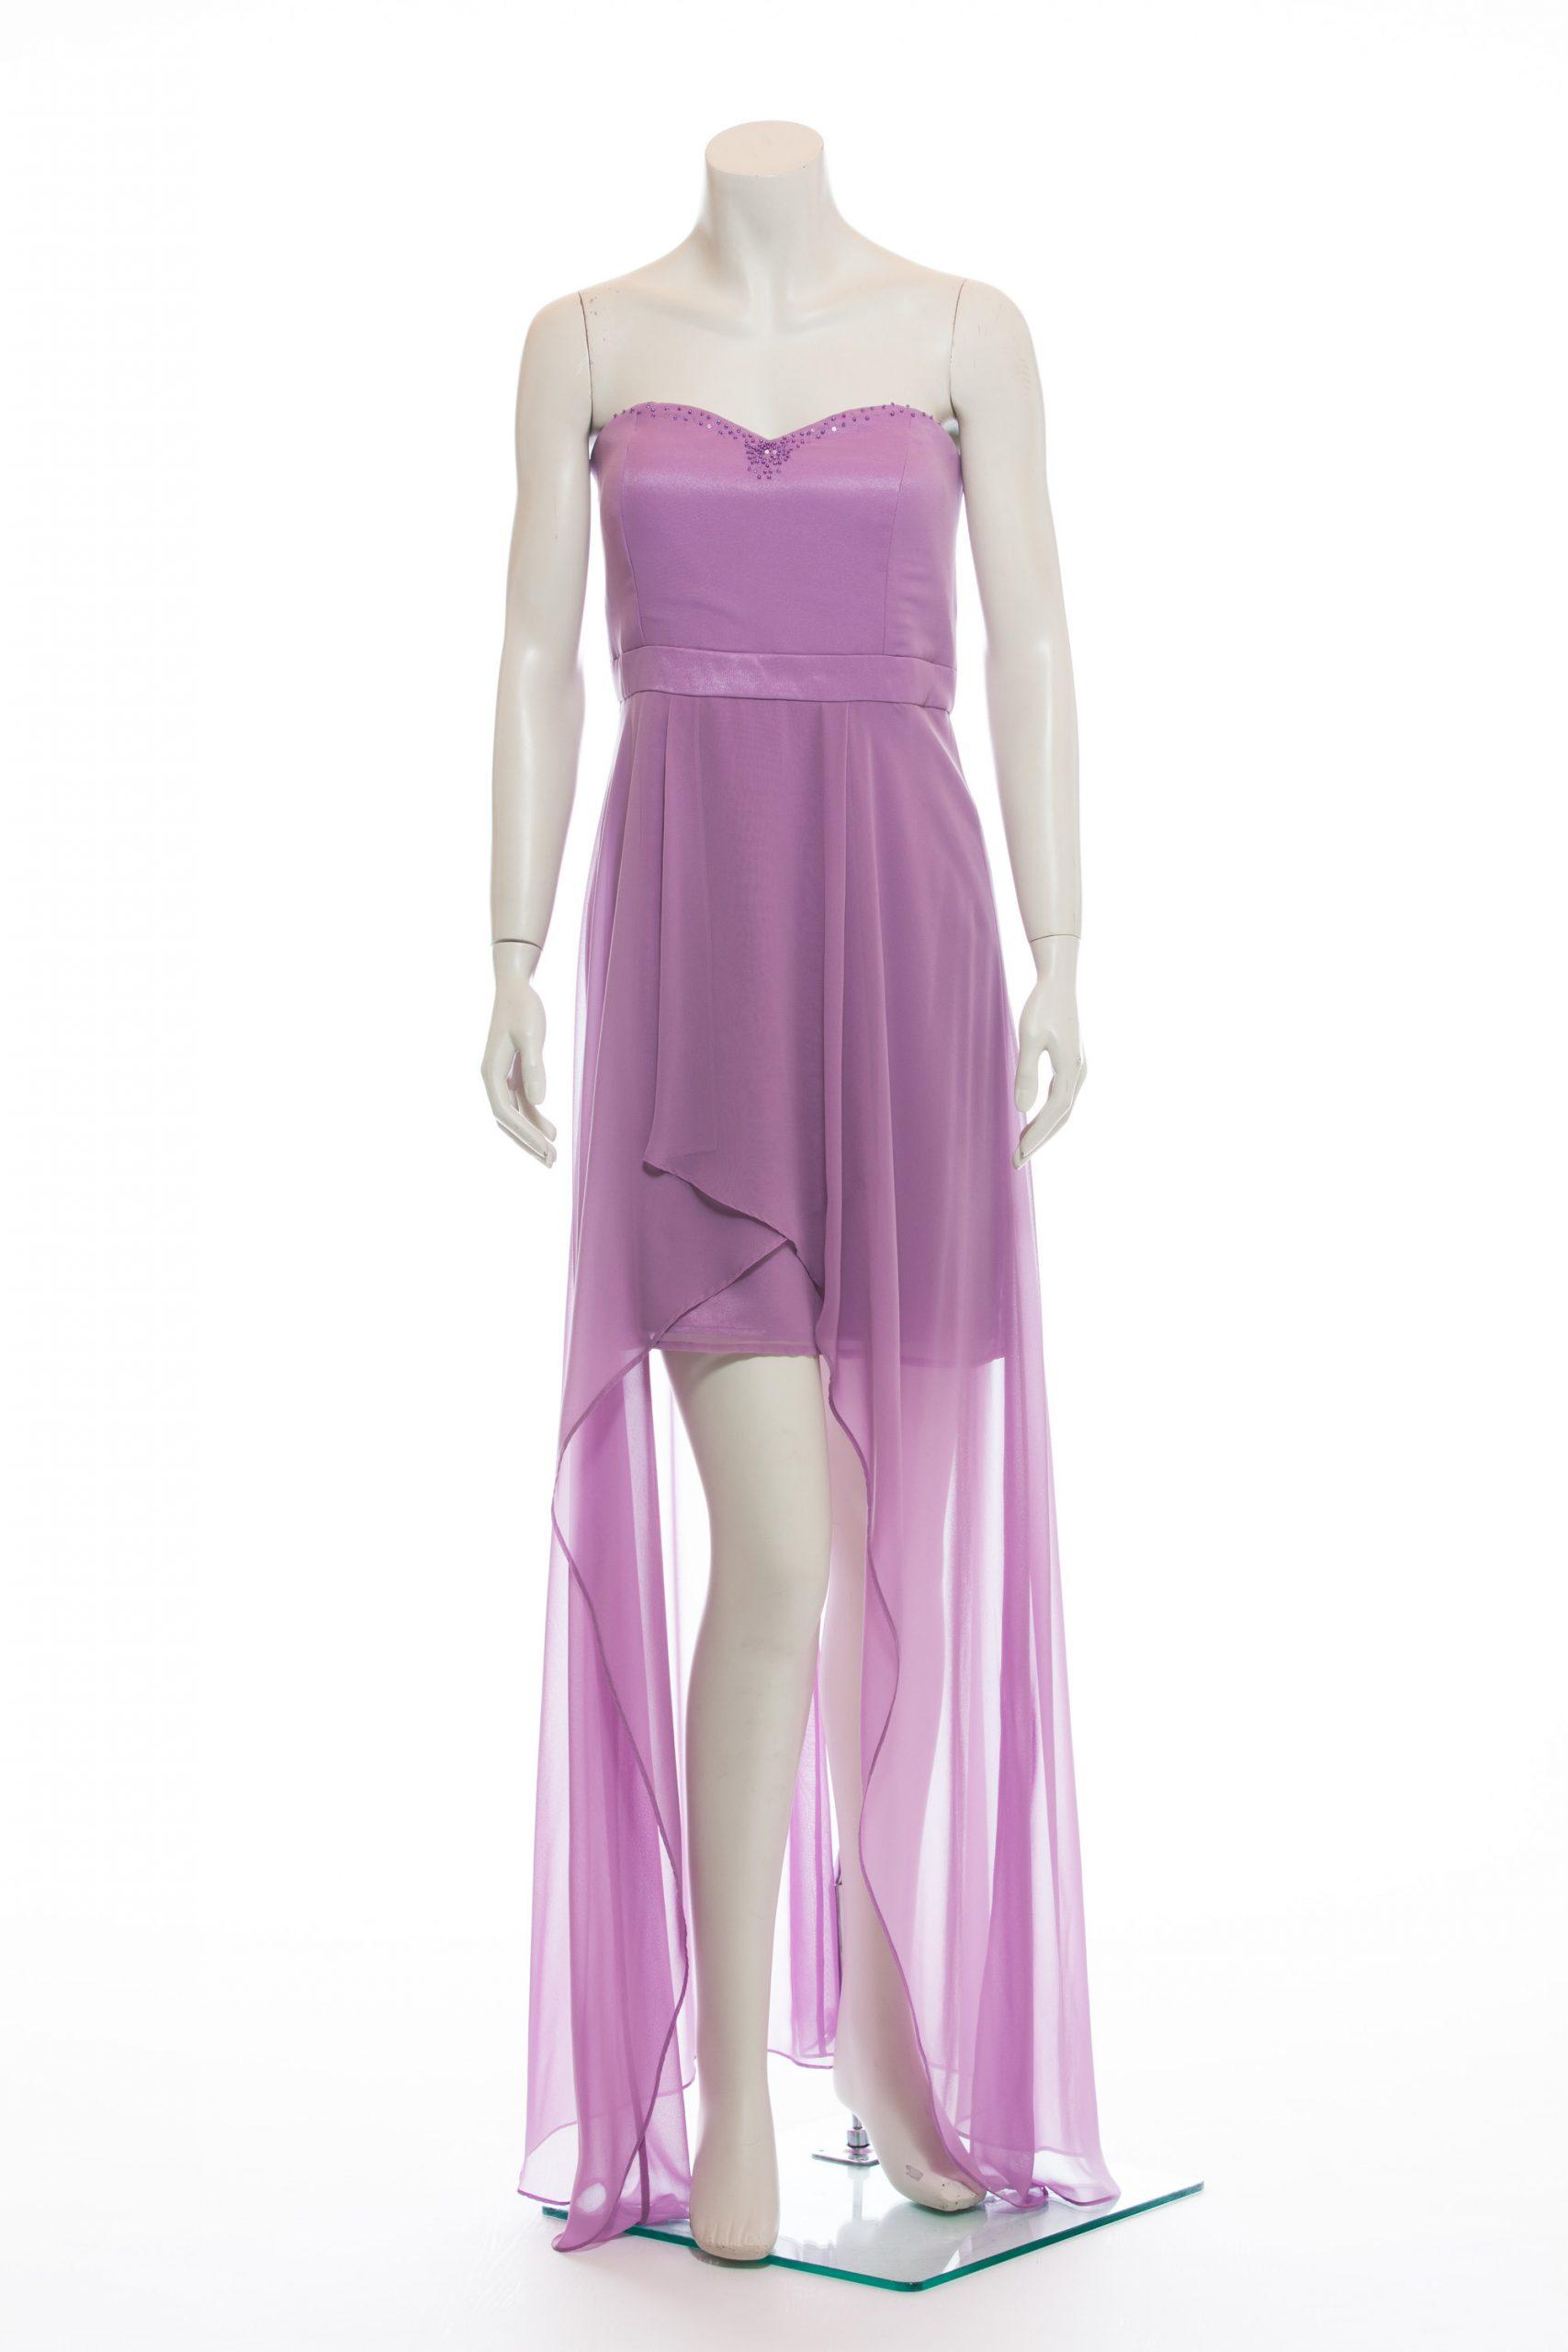 13 Luxus Flieder Kleid Kurz DesignDesigner Perfekt Flieder Kleid Kurz Stylish